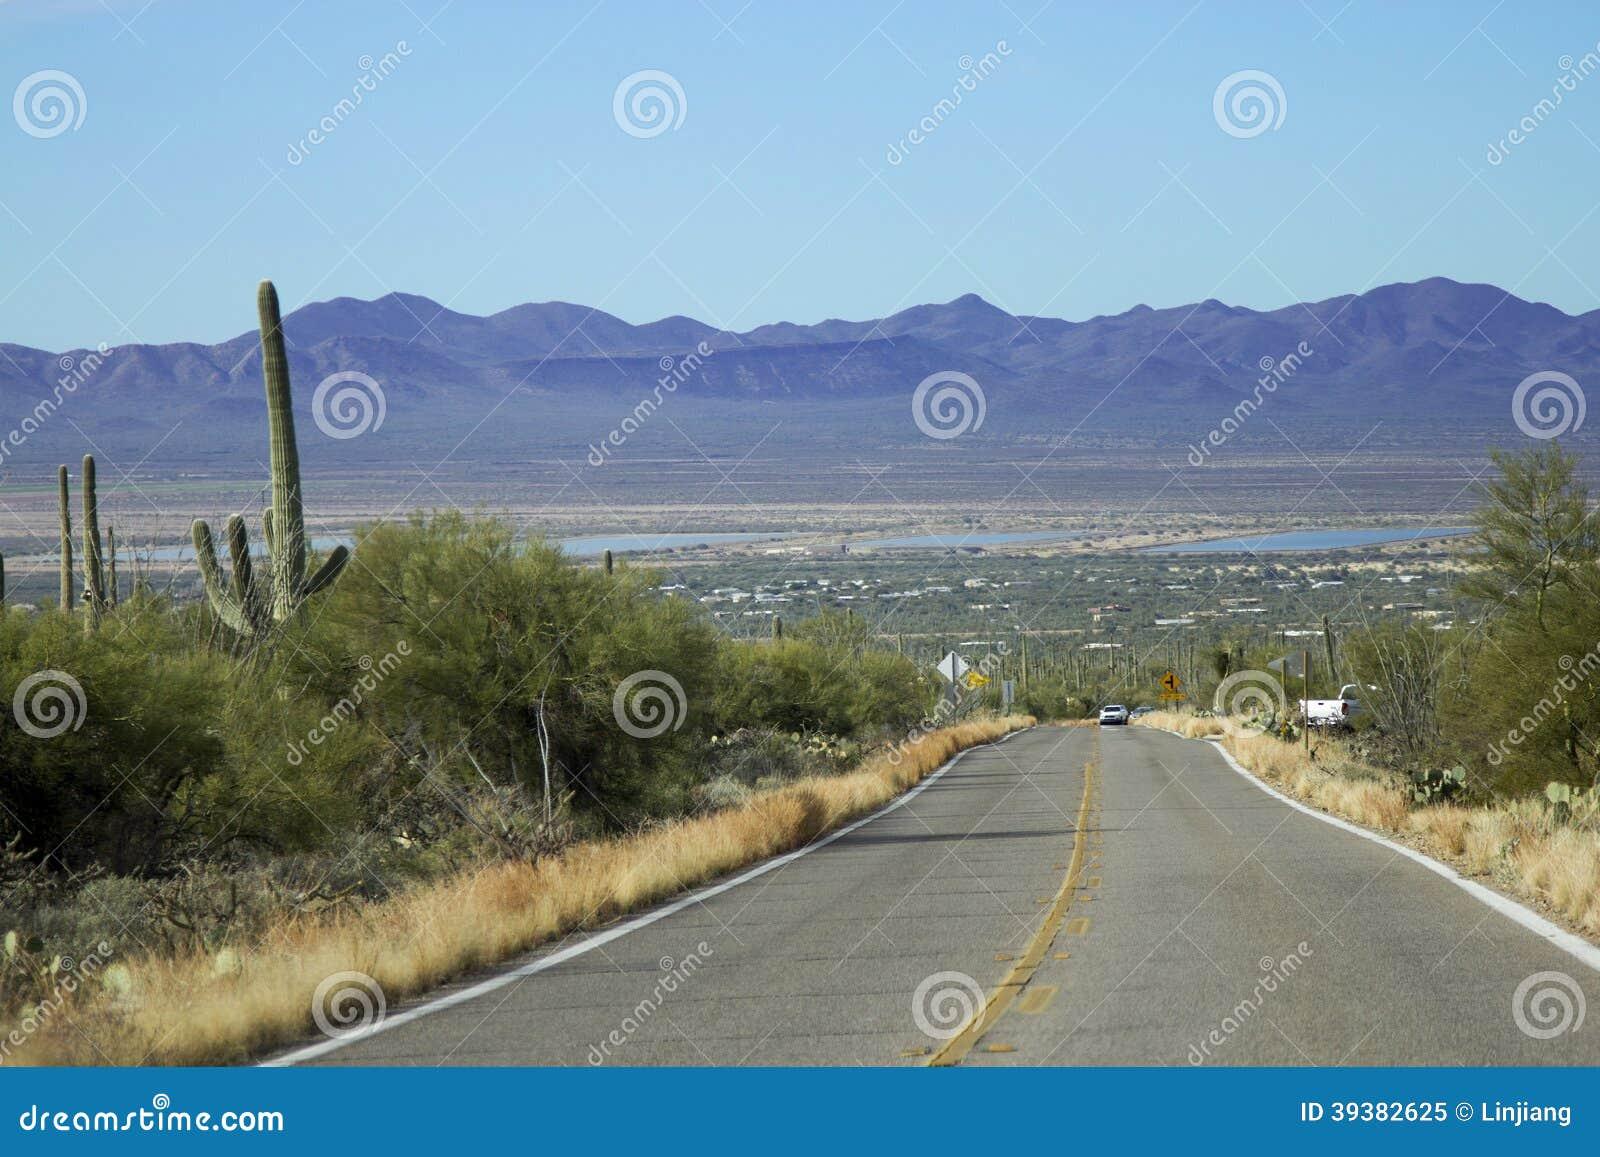 Parc national de Saguaro